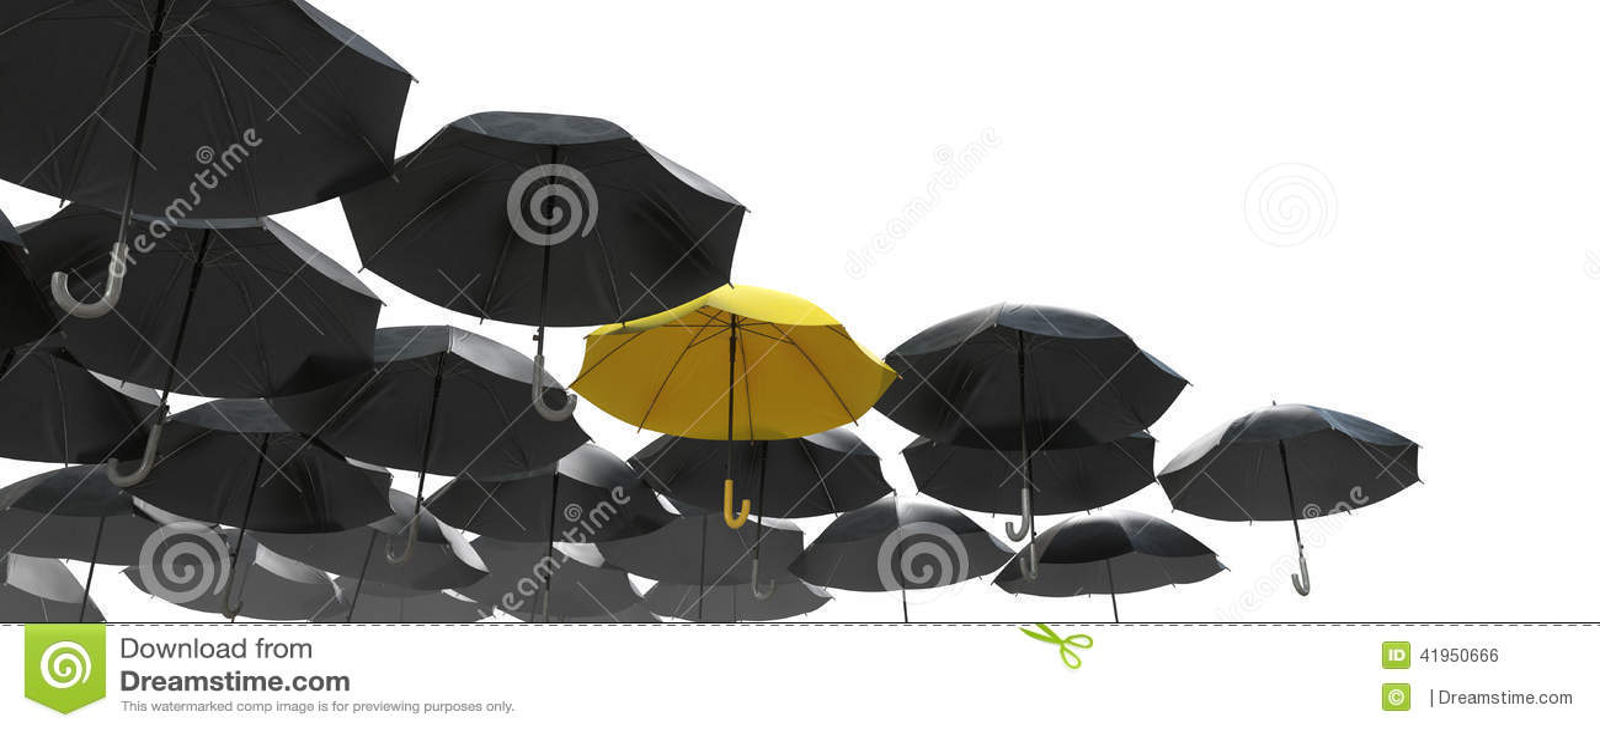 Morze czarny parasol ale żółta jeden pozycja out